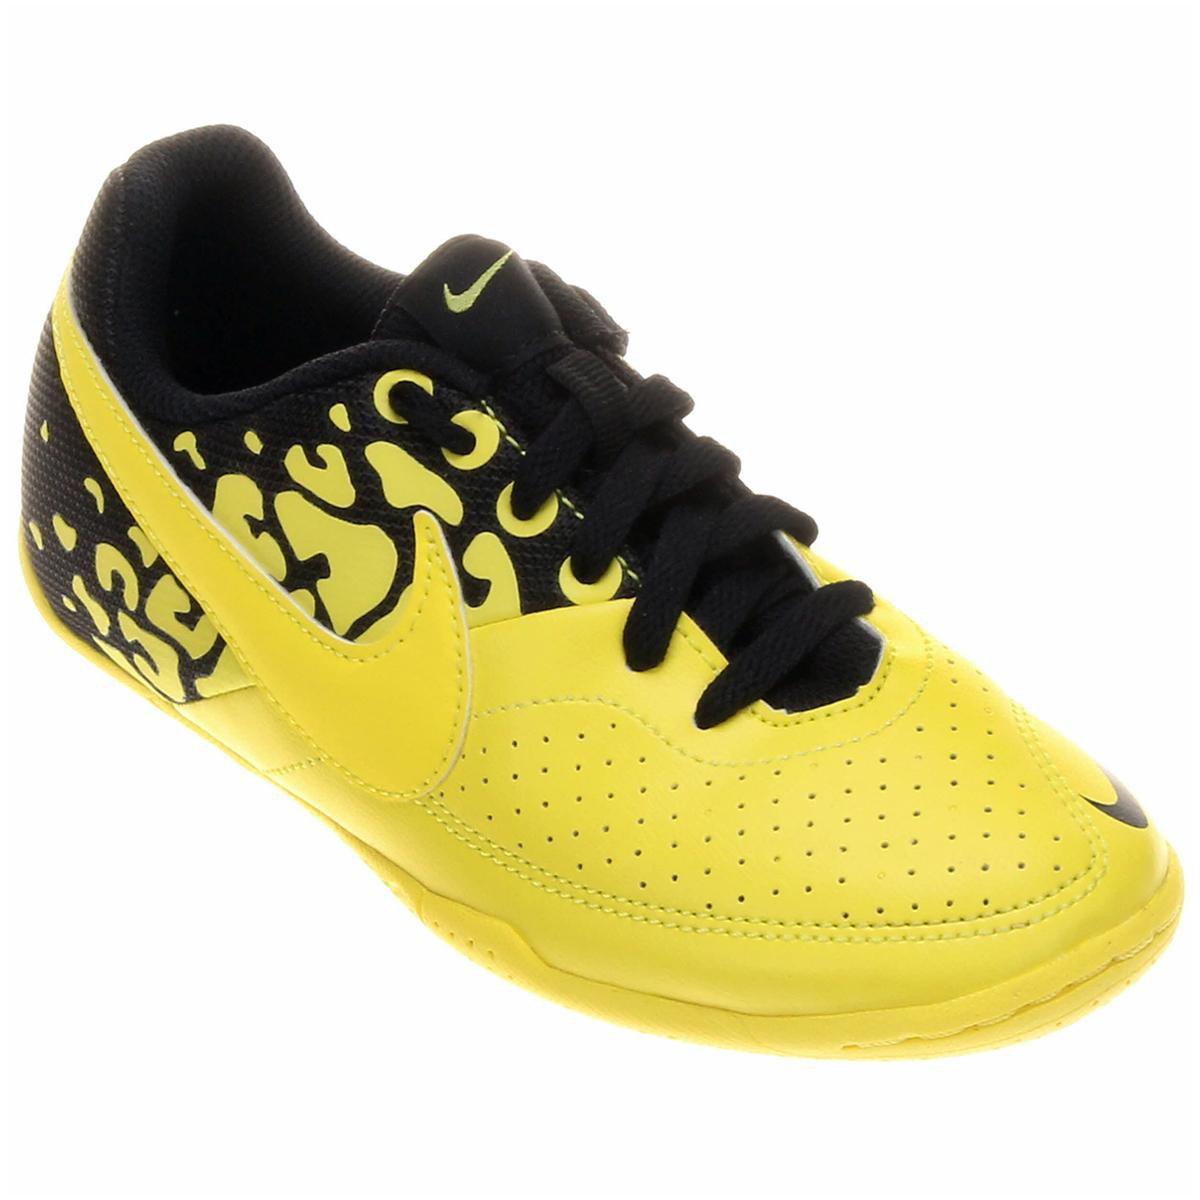 Chuteira Nike 5 Elástico 2 Infantil - Compre Agora  ca84b21e761